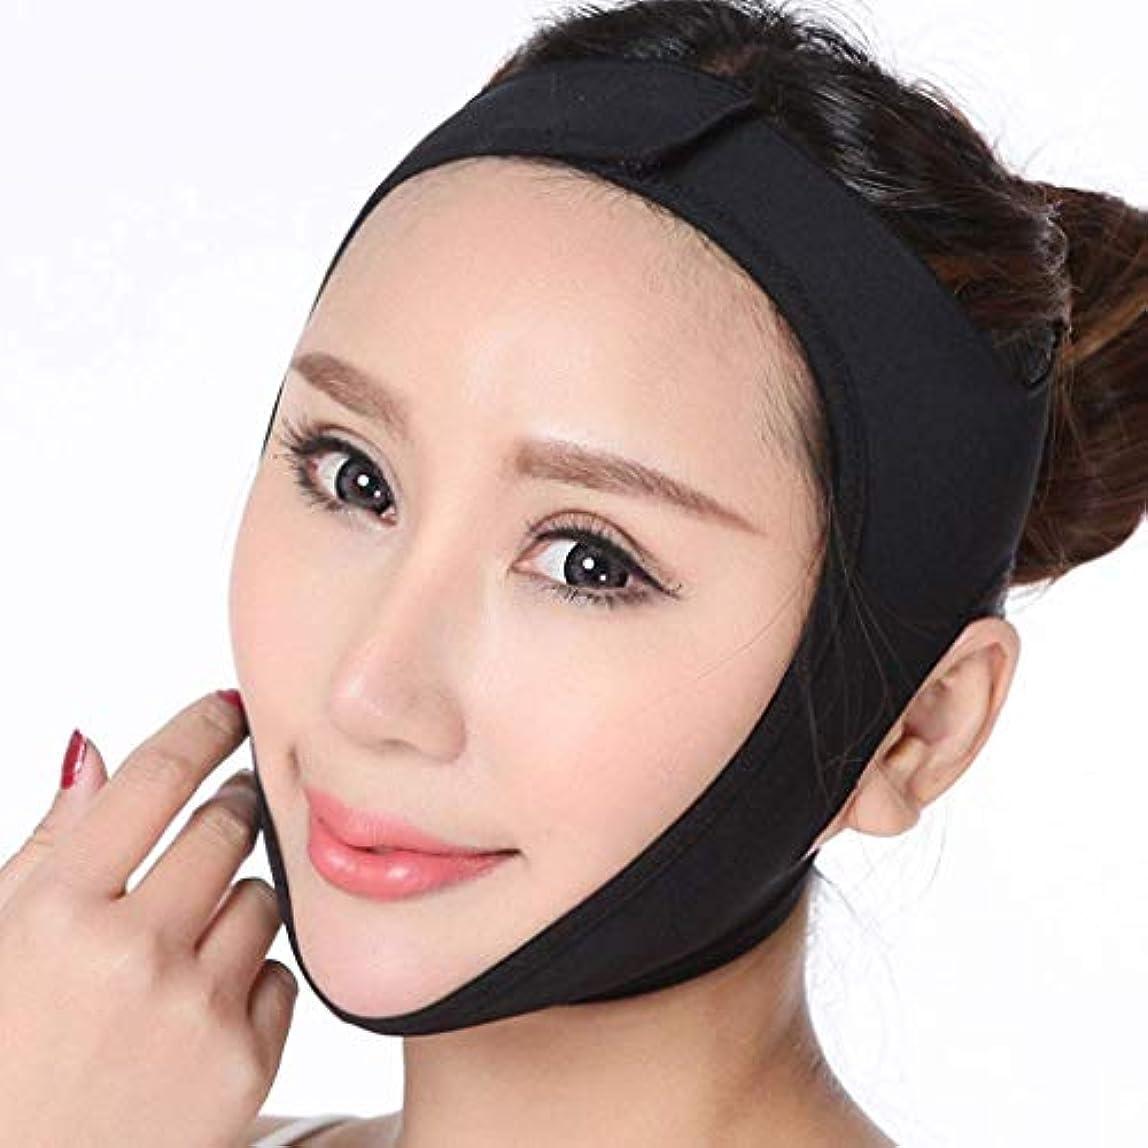 要塞蓄積する幸運なことにHUYYA 女性の顔を持ち上げるベルト、Vライン頬 しわ防止包帯 二重あごの減量顔,Black_Small